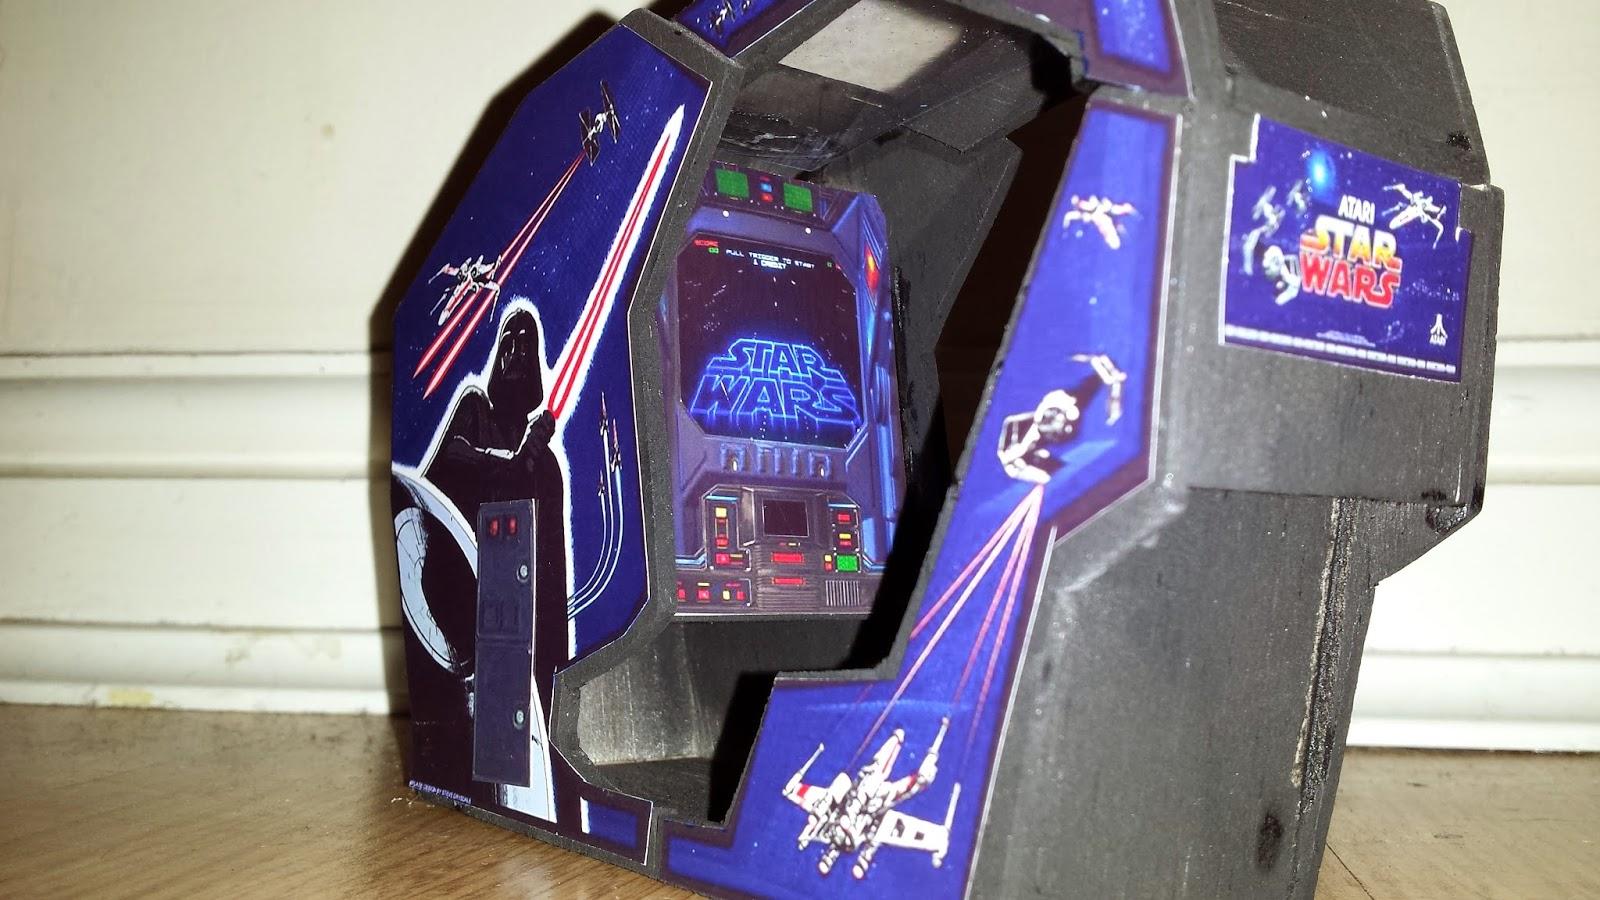 star wars arcade sit down